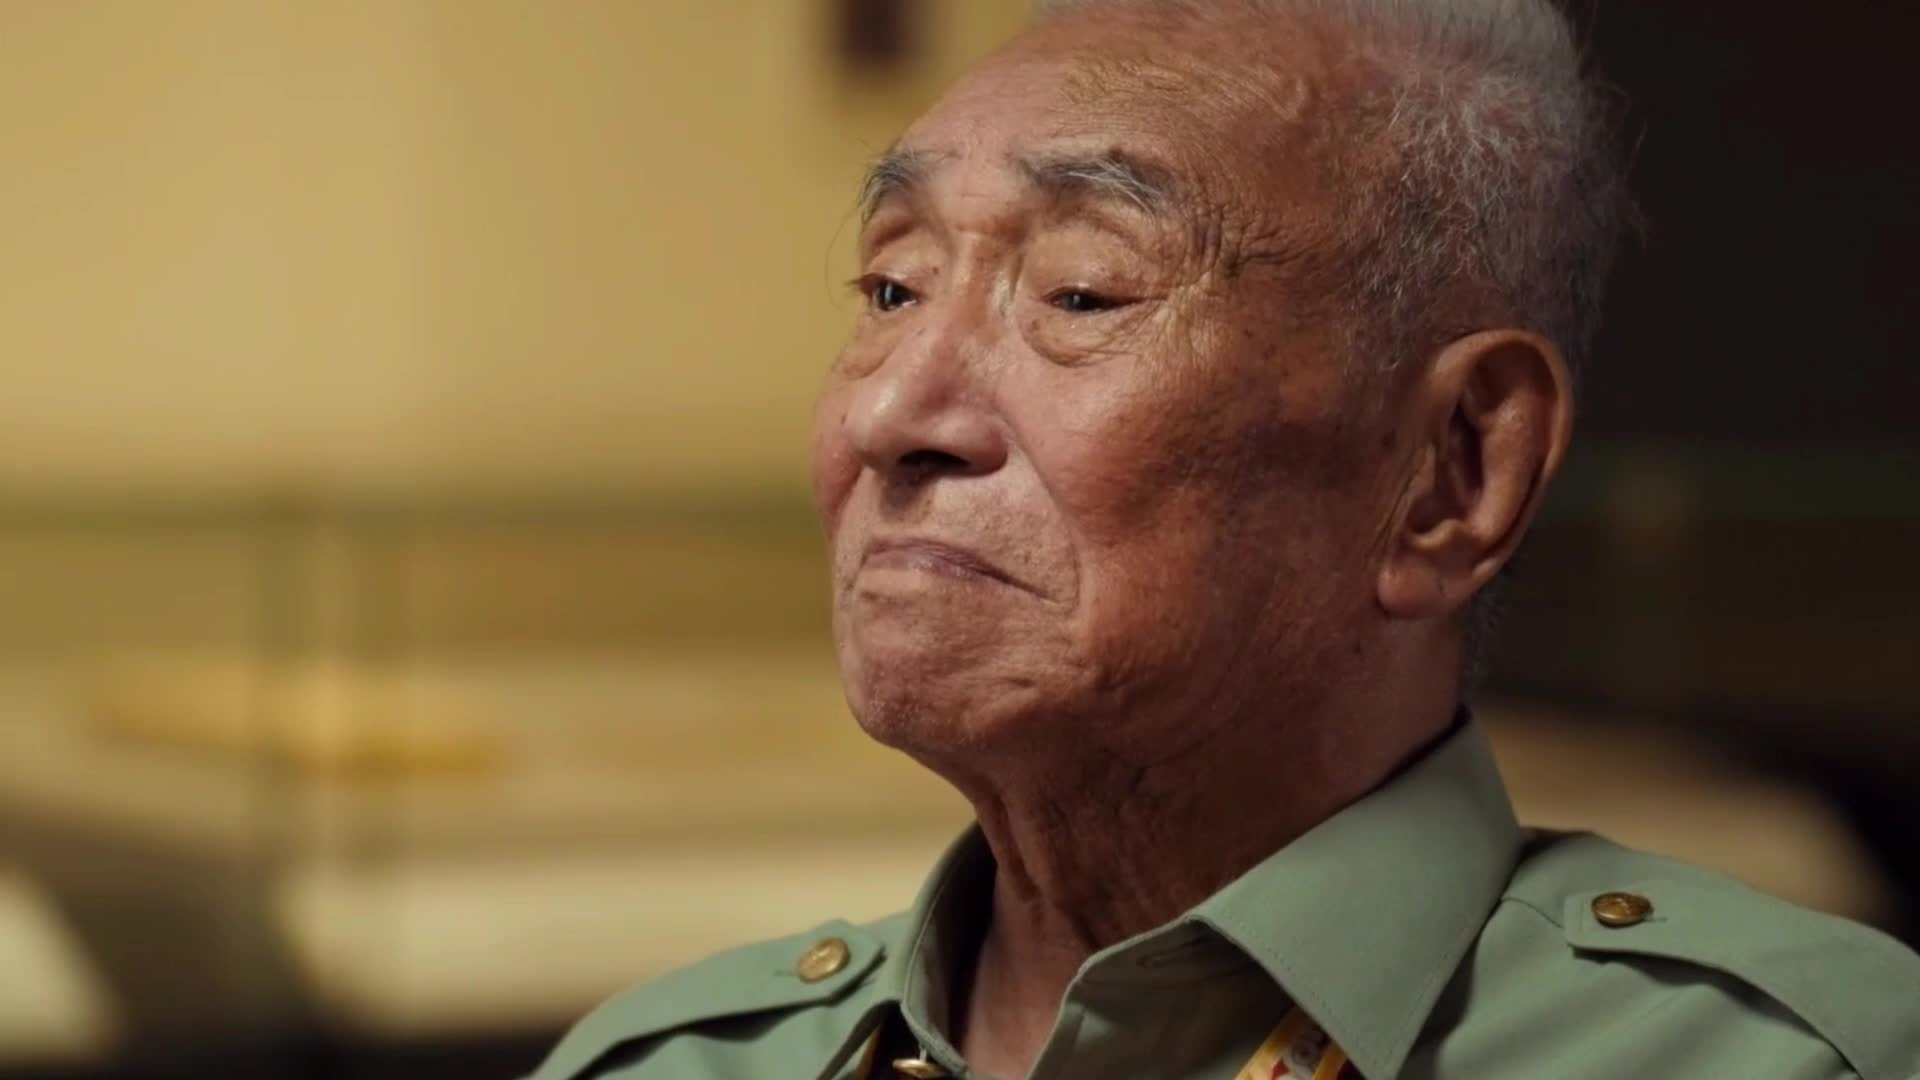 【1950他们正年轻】志愿军爷爷忆战友落泪 临终念念不忘找战友遗骸